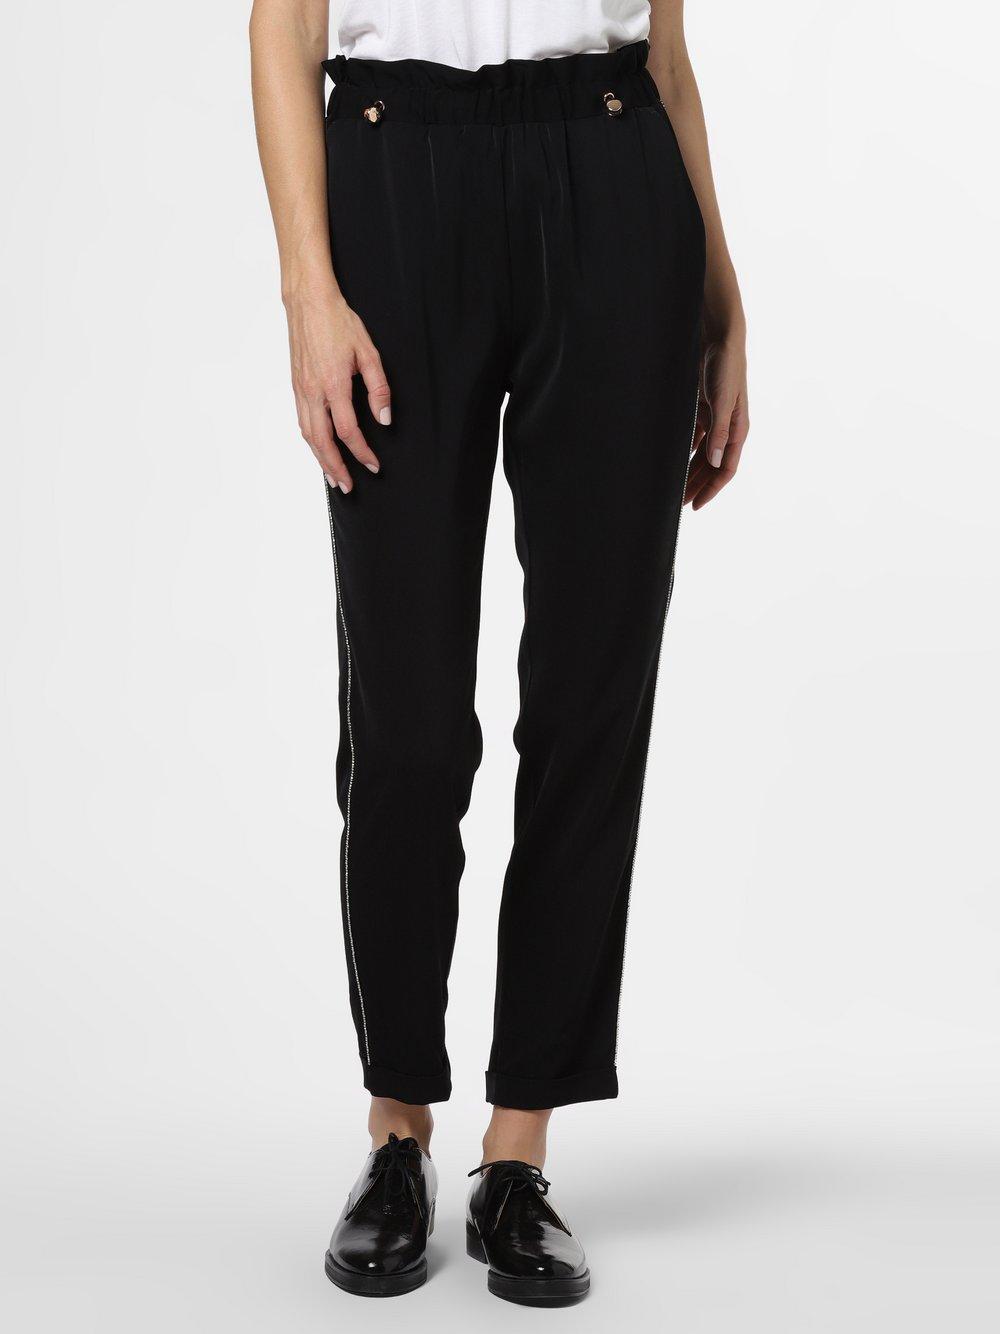 Liu Jo Collection – Spodnie damskie, czarny Van Graaf 485783-0001-09940